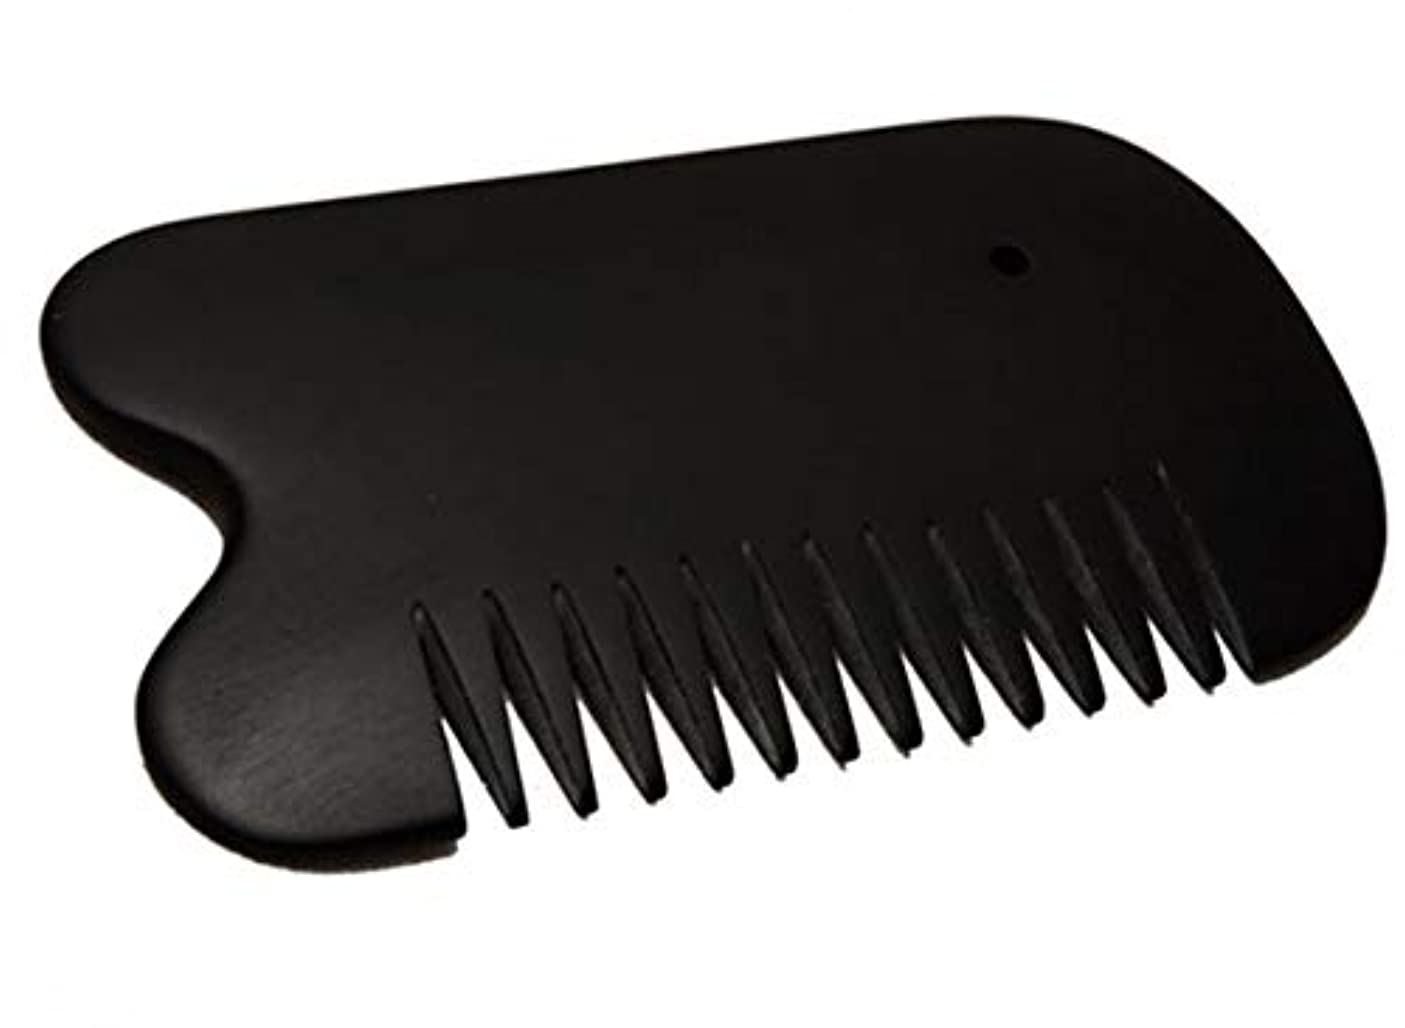 階層やろう有効なカッサ 天然「泗濱浮石」頭痛?白髪?抜け毛防止 櫛型かっさ板 プレート黒